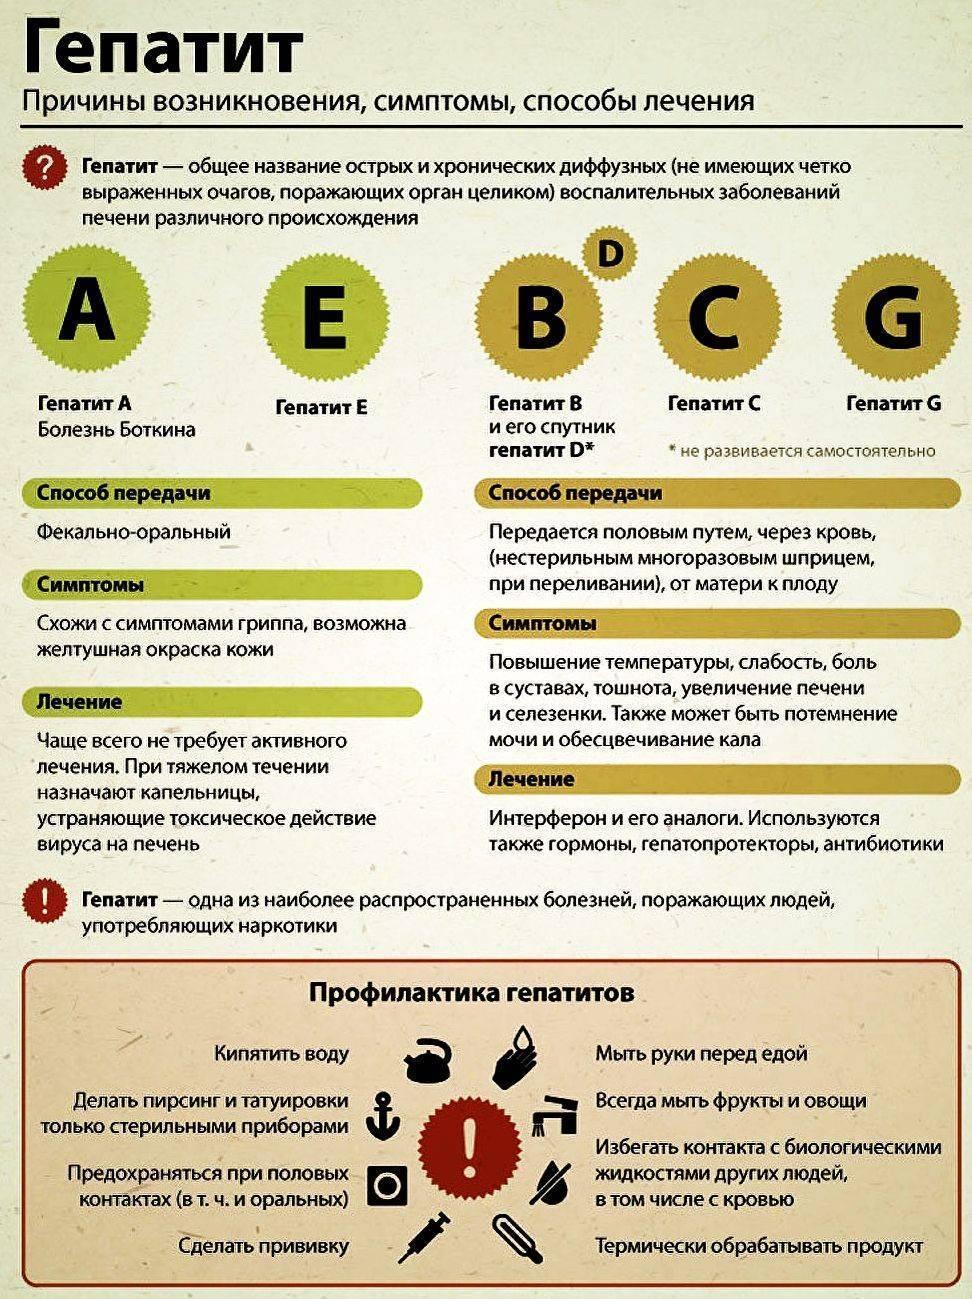 Пути передачи вирусного гепатита в (б)